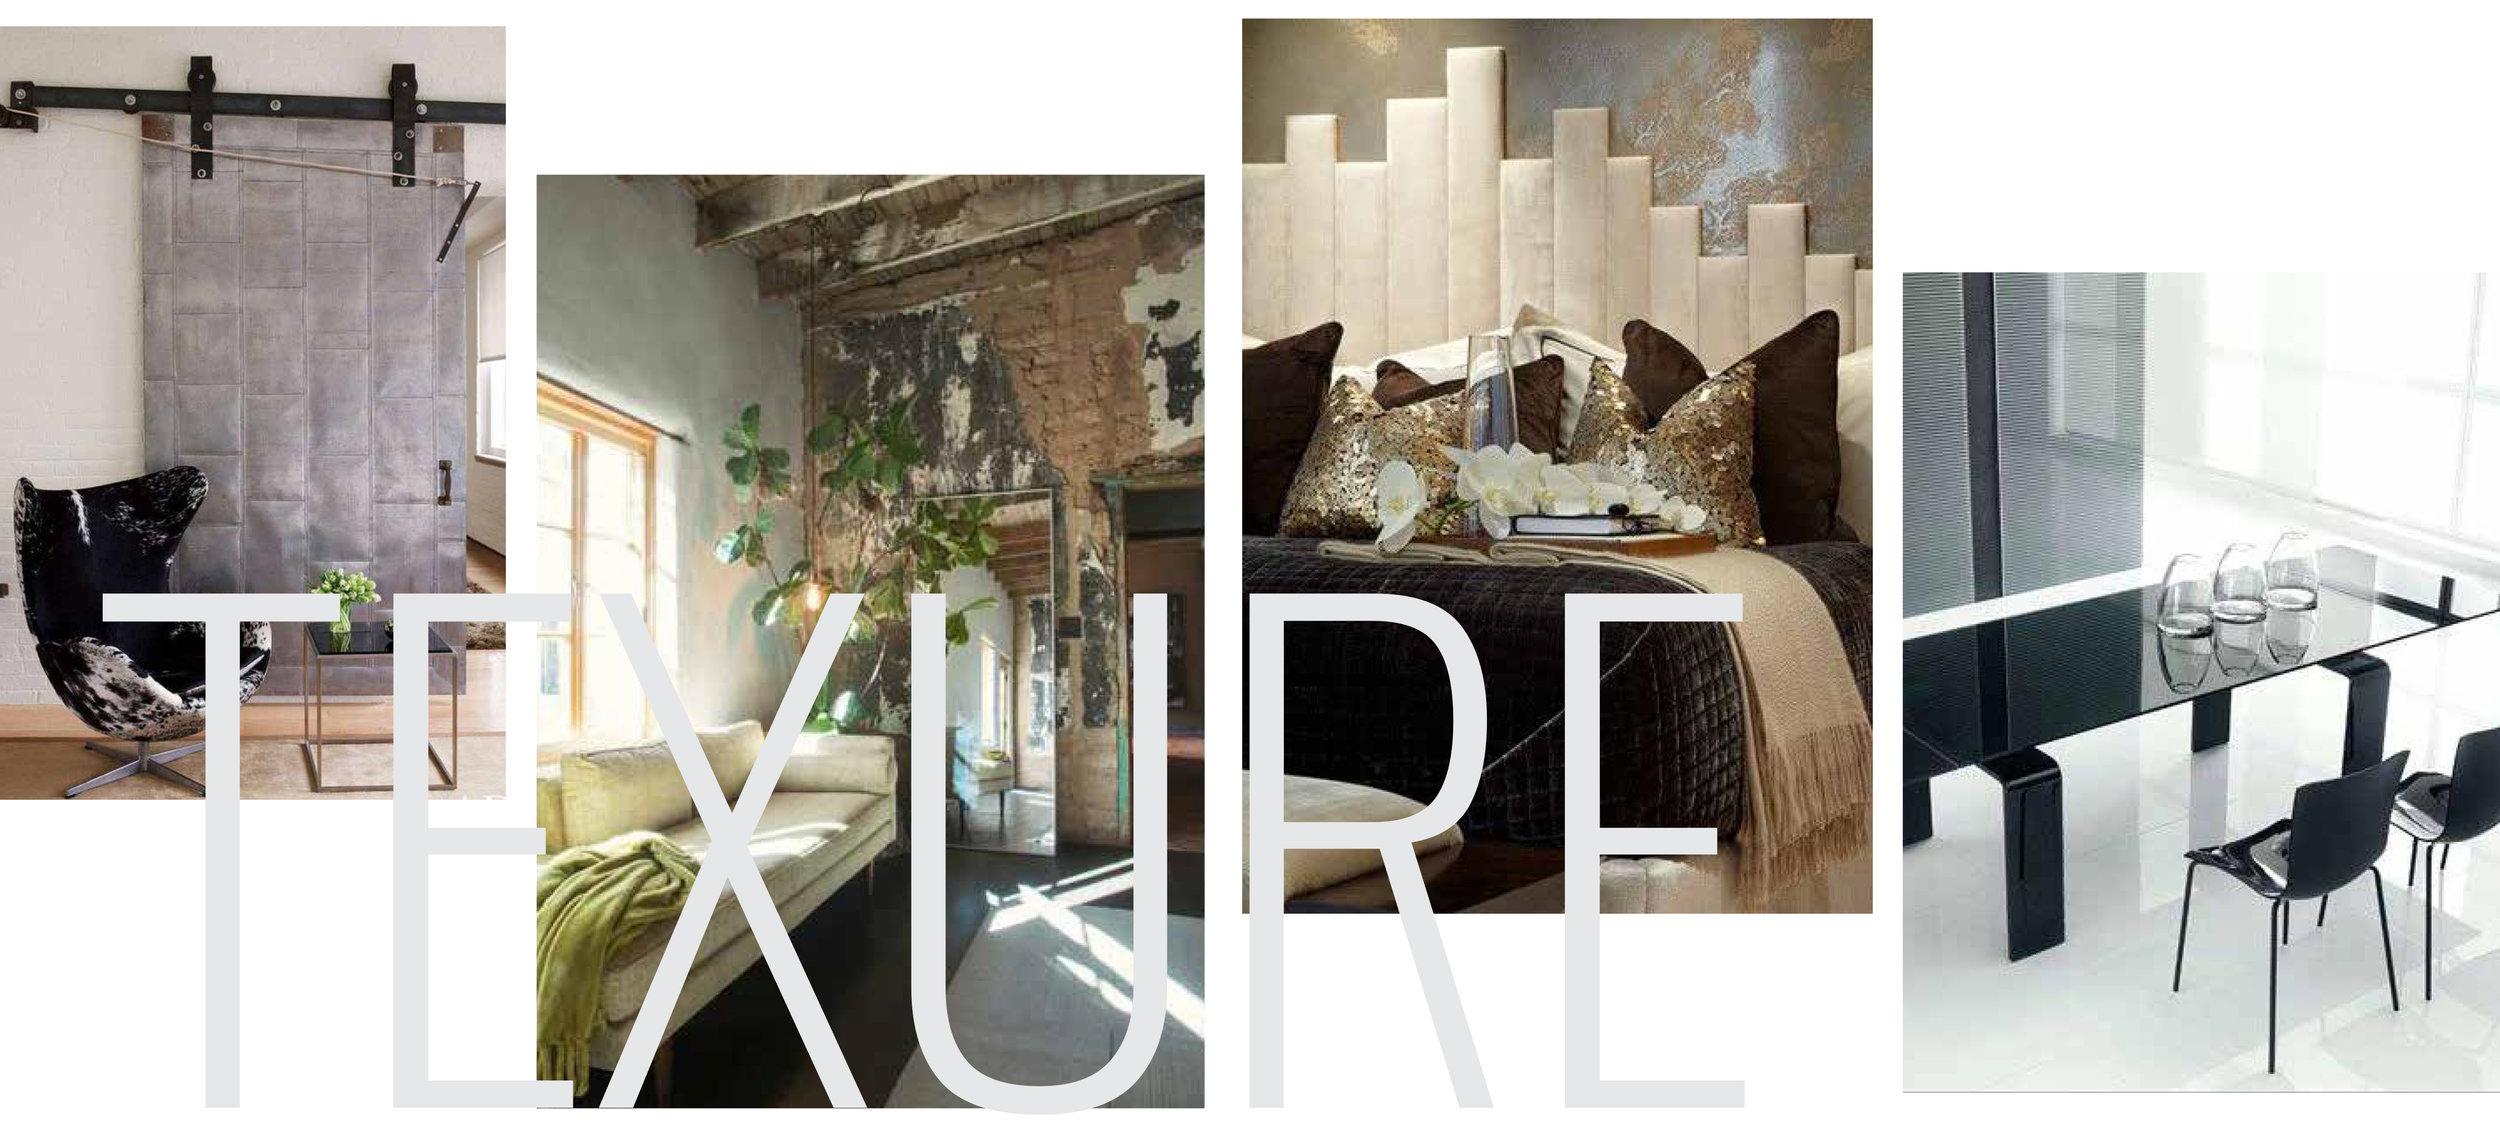 IlianaSergeev - RGD Skillsharing Branded Interiors-34.jpg